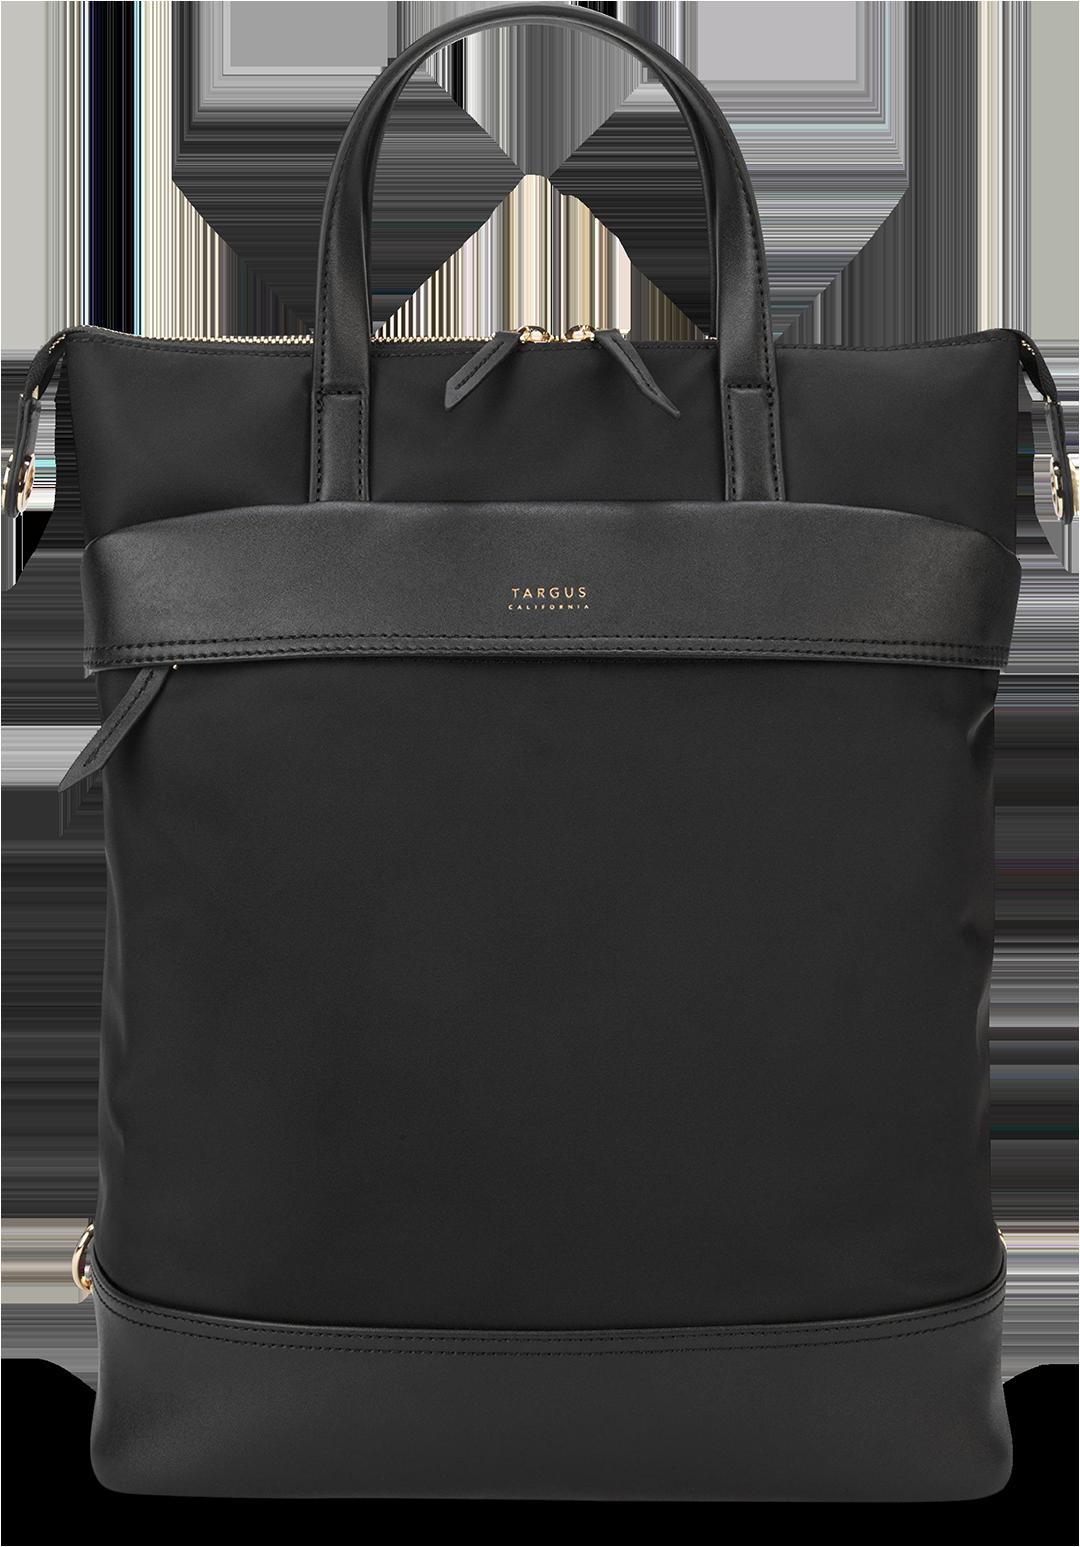 Targus Newport Convertible 2-in-1 Tote/Backpack